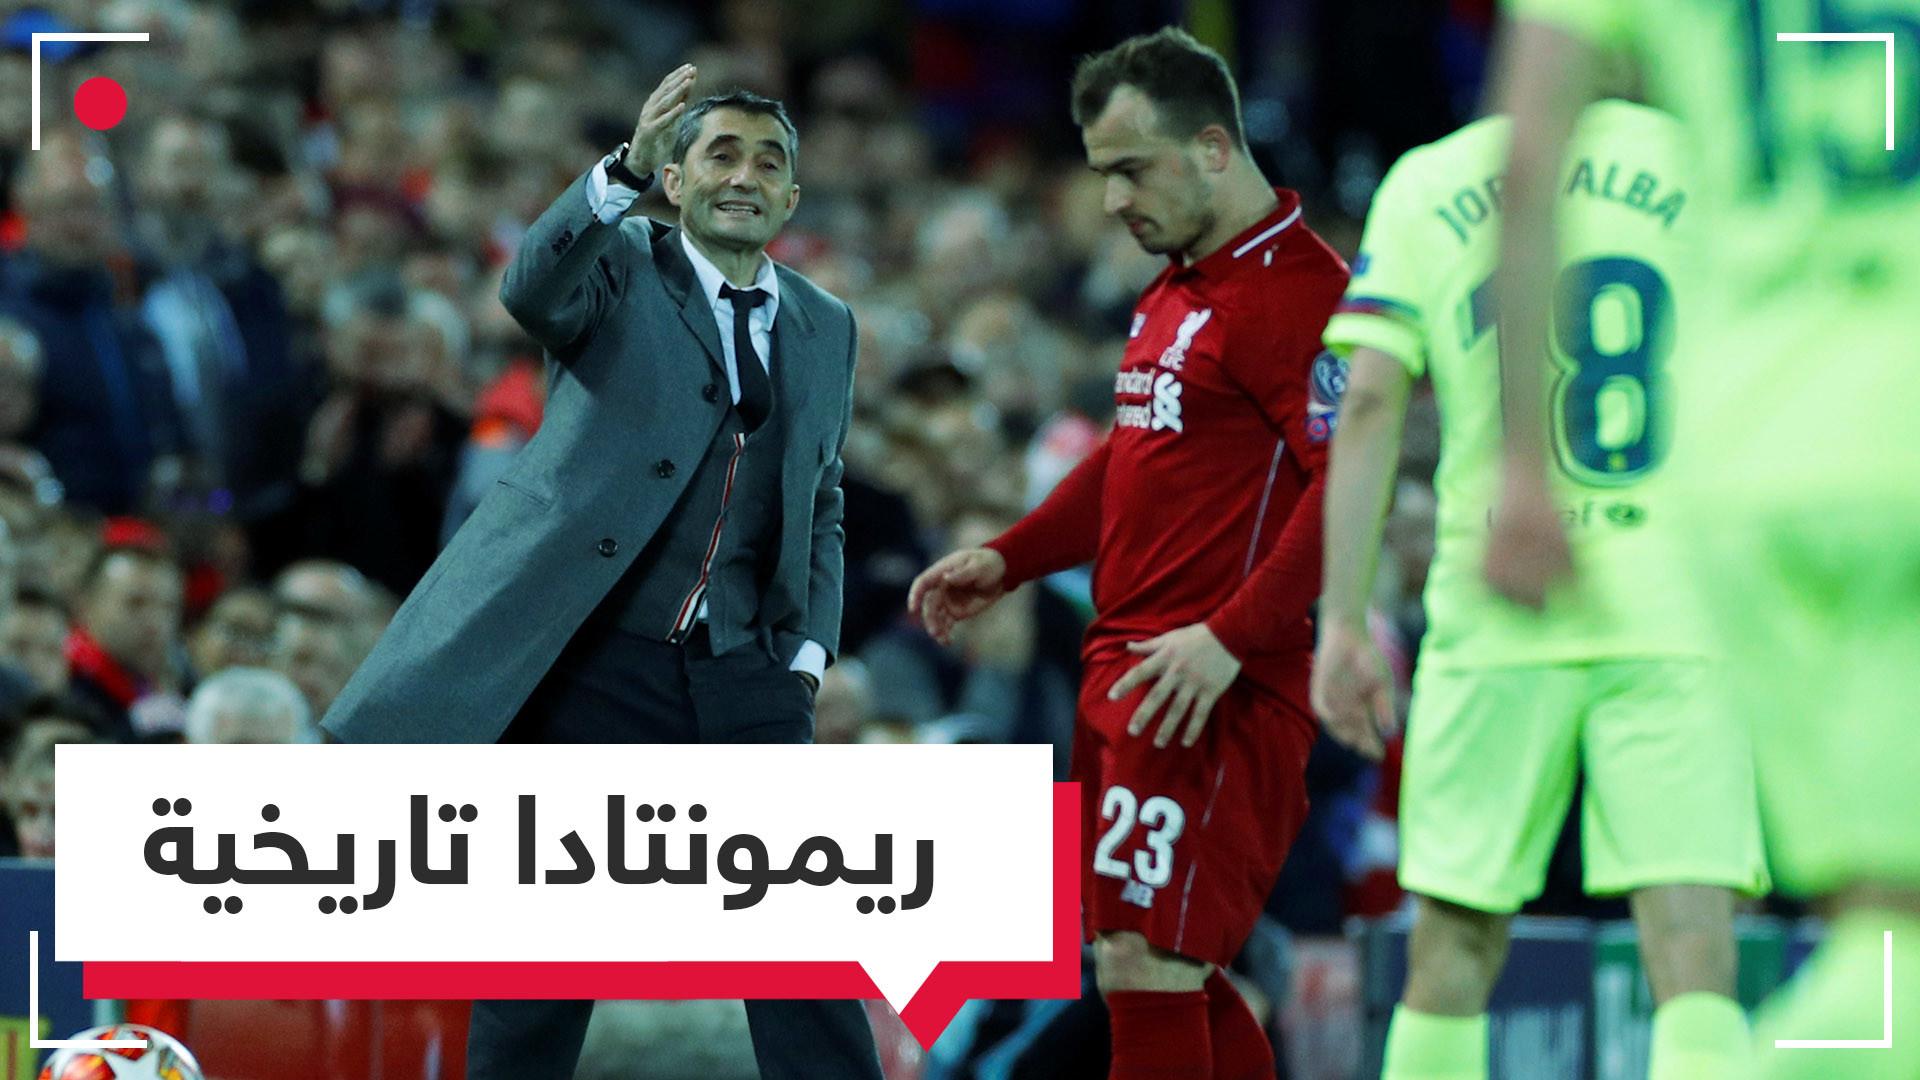 للعام الثاني على التوالي.. خروج مذل لبرشلونة من دوري الأبطال فما مصير فالفيردي؟